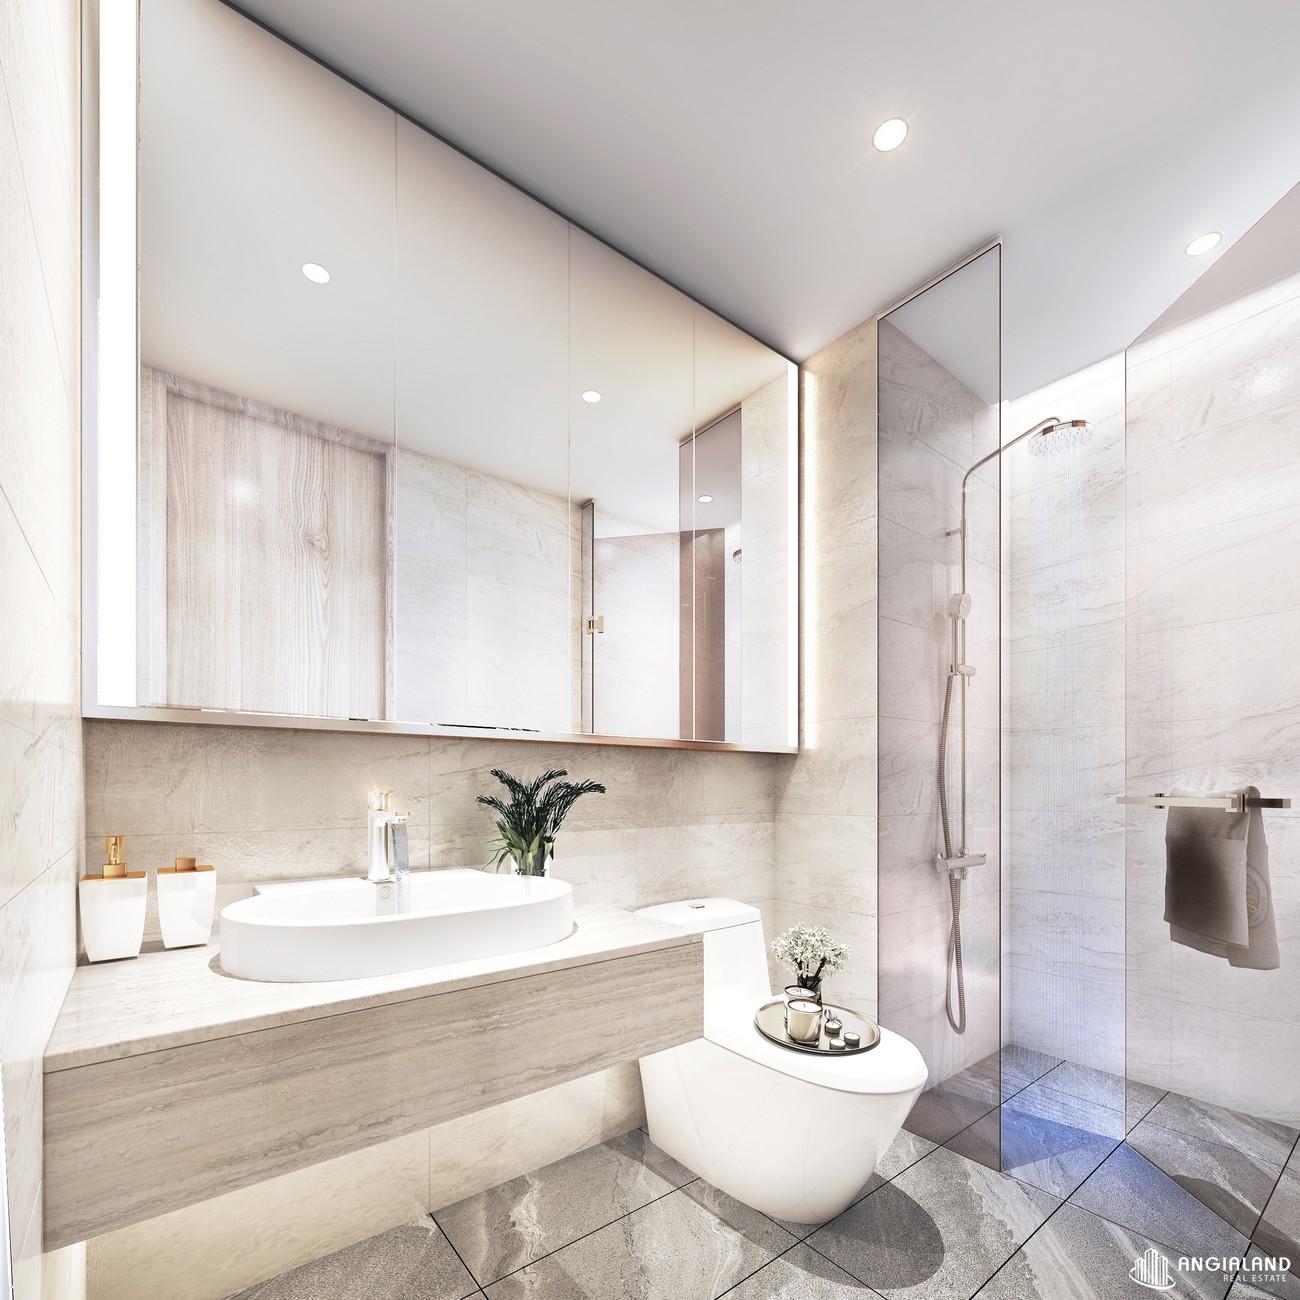 Thiết kế toilet phòng khách nhà mẫu Thảo Điền Green loại 2 phòng ngủ